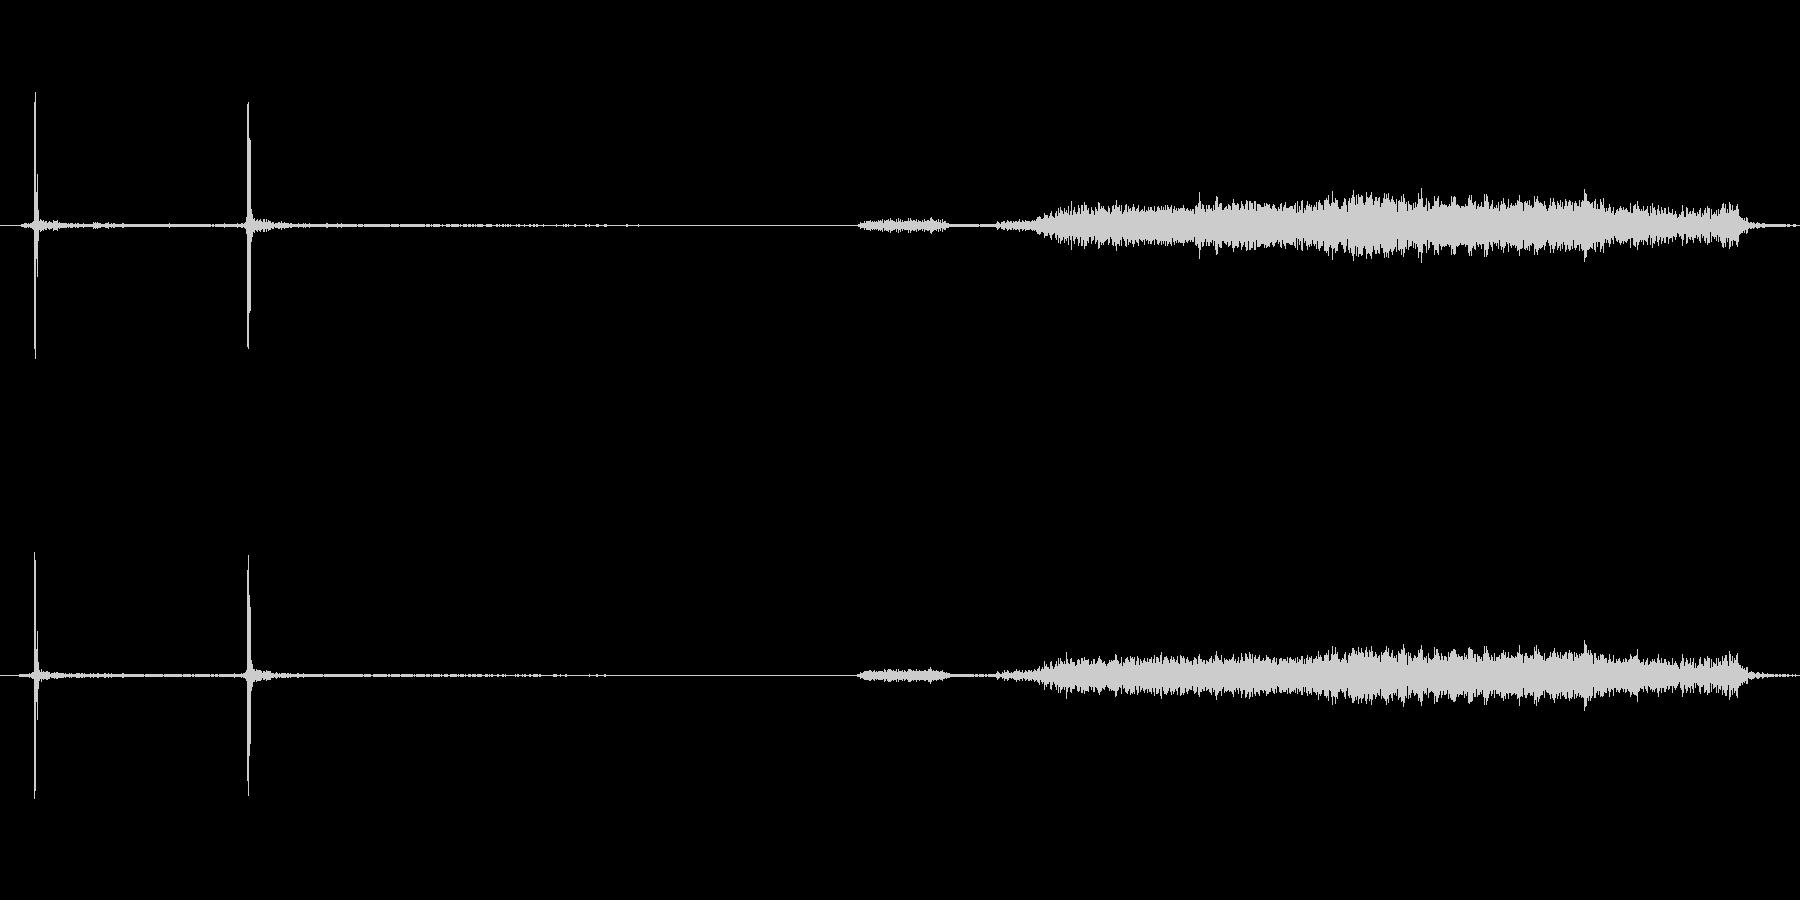 デジカメの電源を切るときの音の未再生の波形